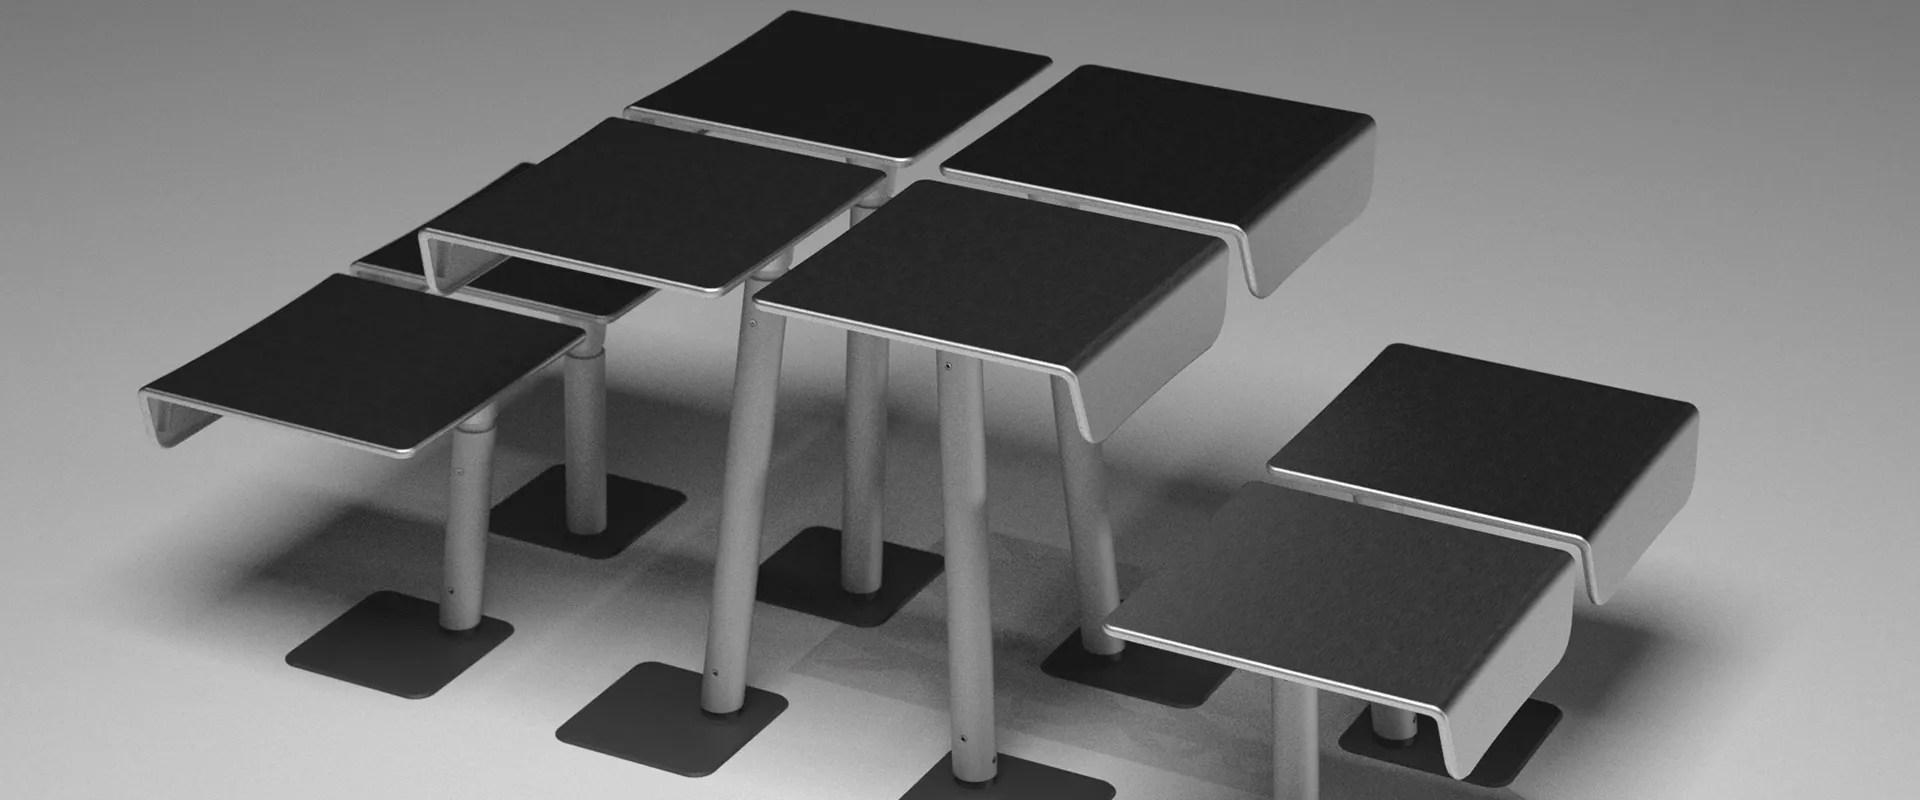 flamingo-2-marcellocannarsa-product-designer